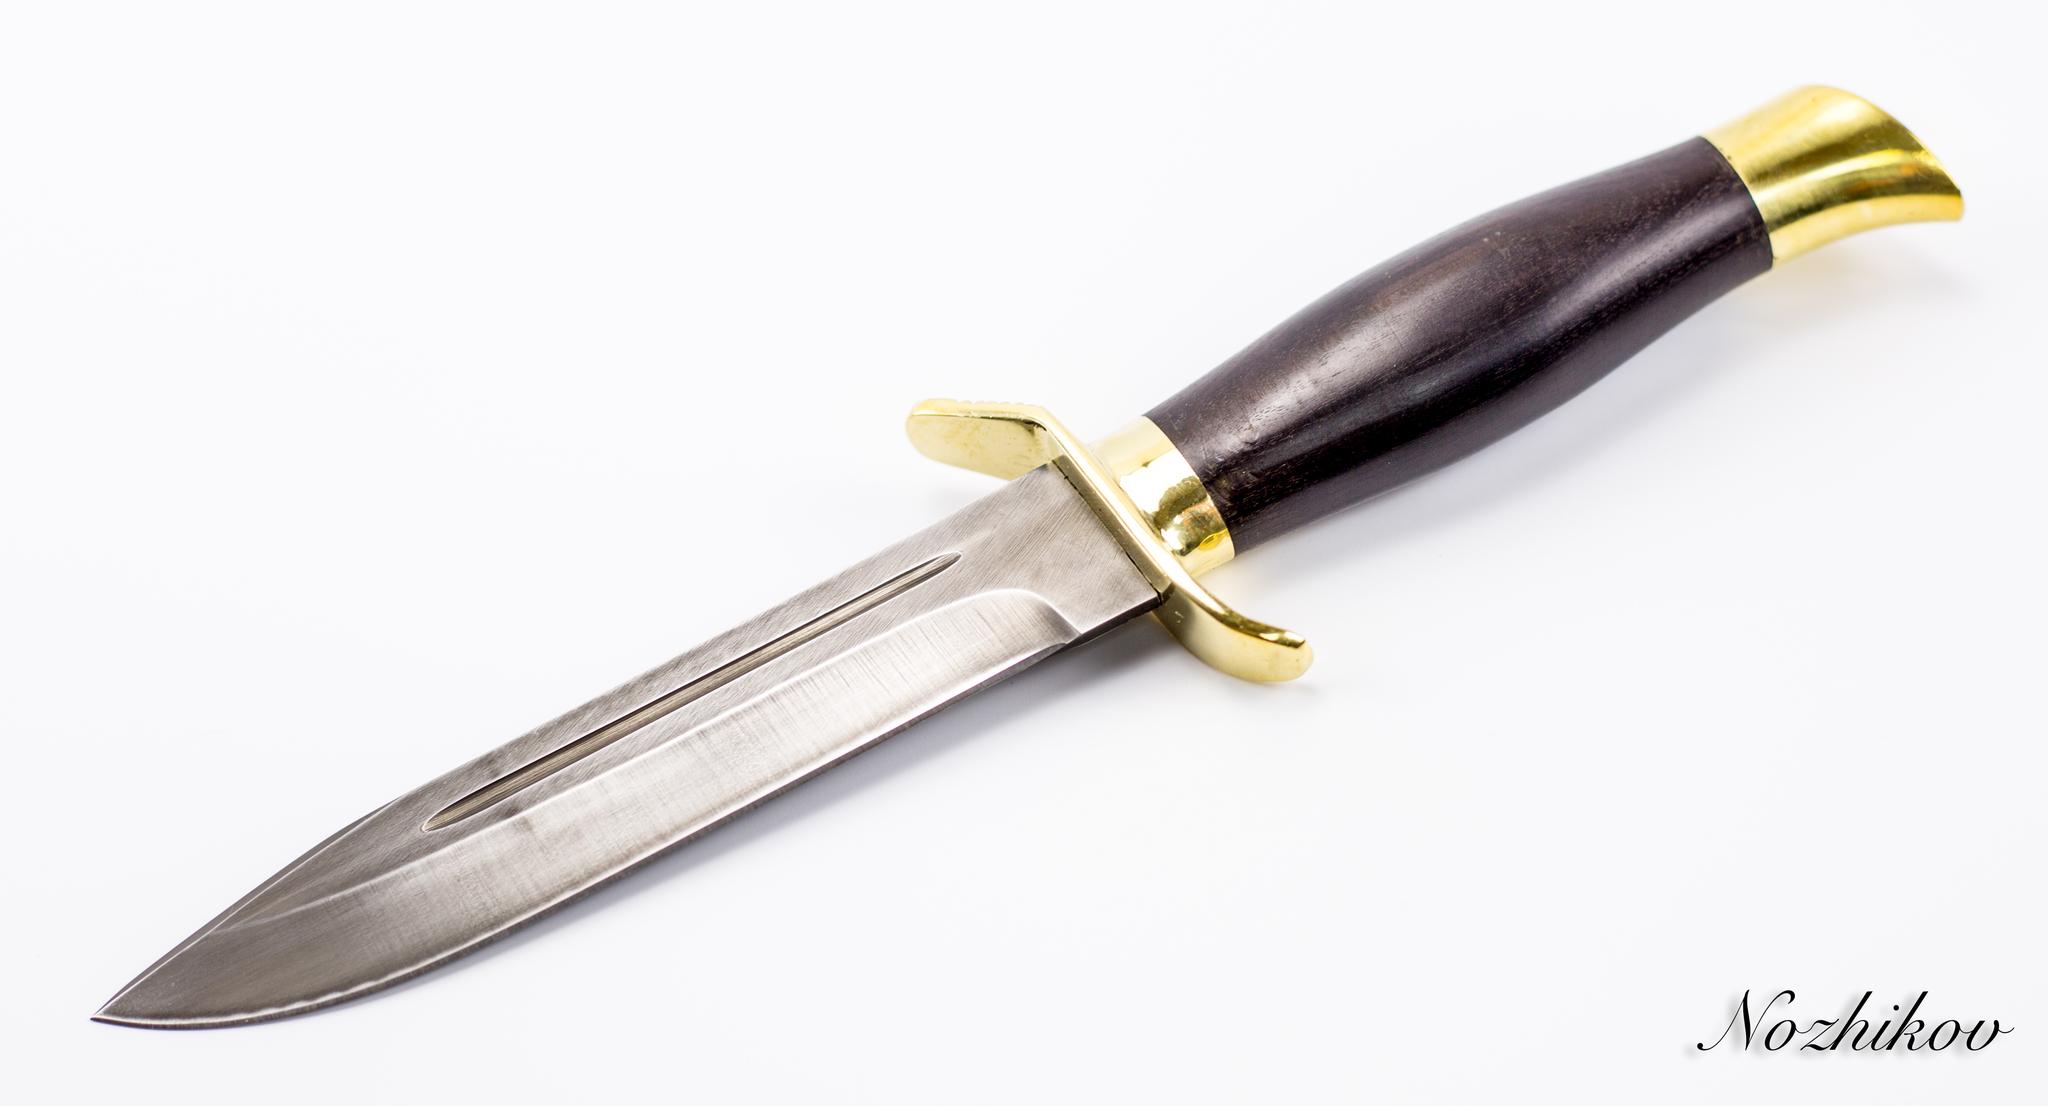 Фото 2 - Нож НР-40 алмазка, граб от Мастерская Климентьева